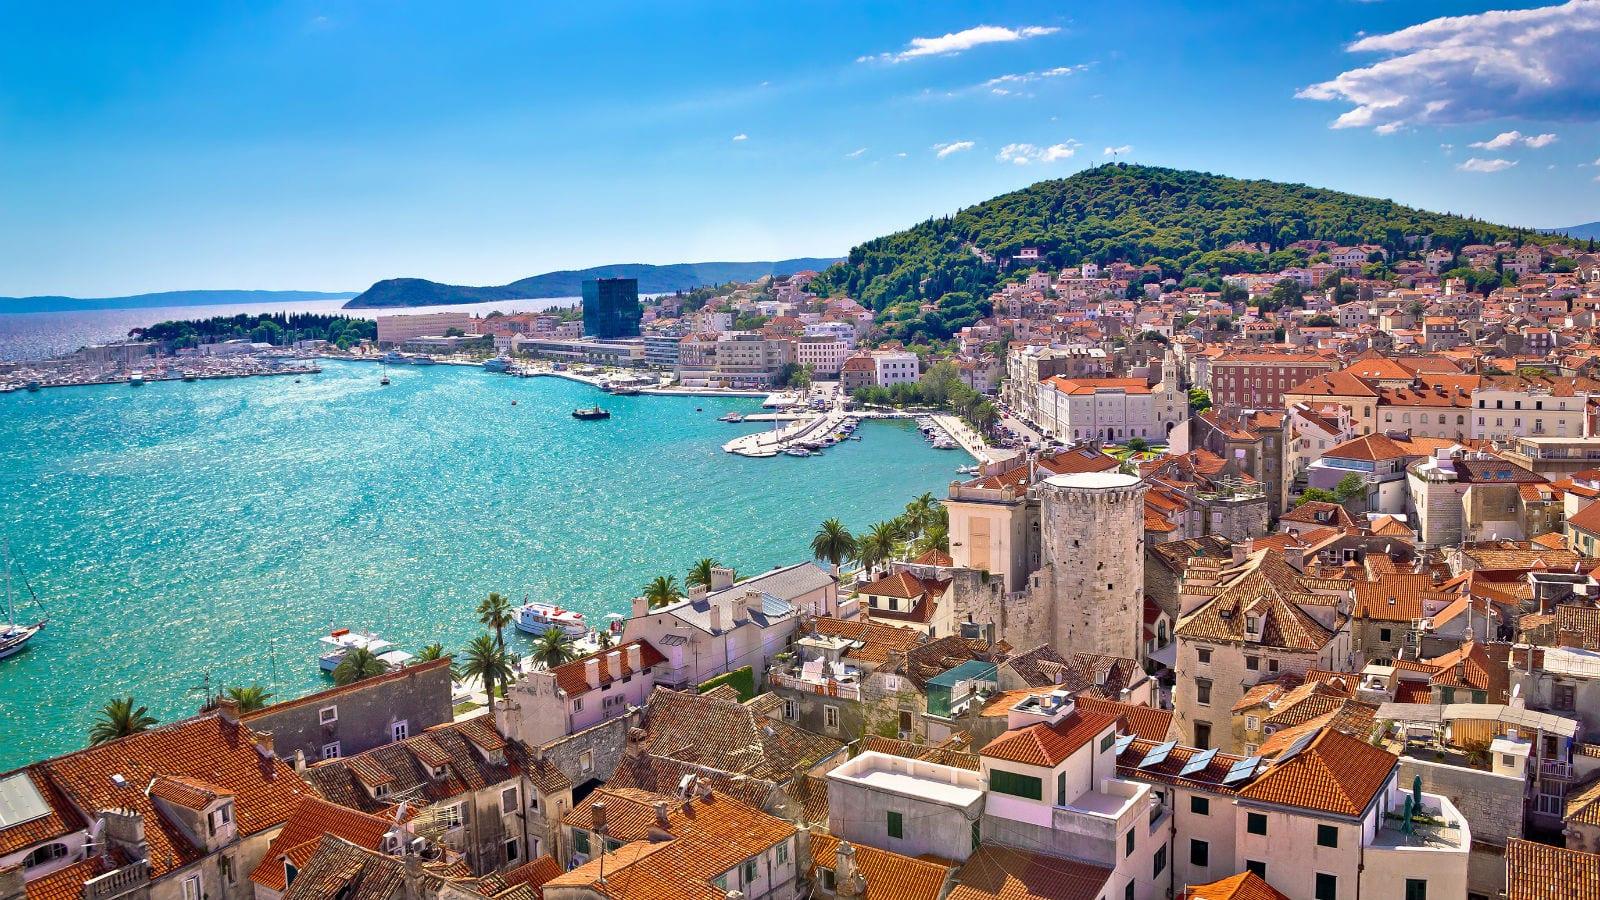 Хорватия лучший регион для аренды мегаяхты на Адриатике